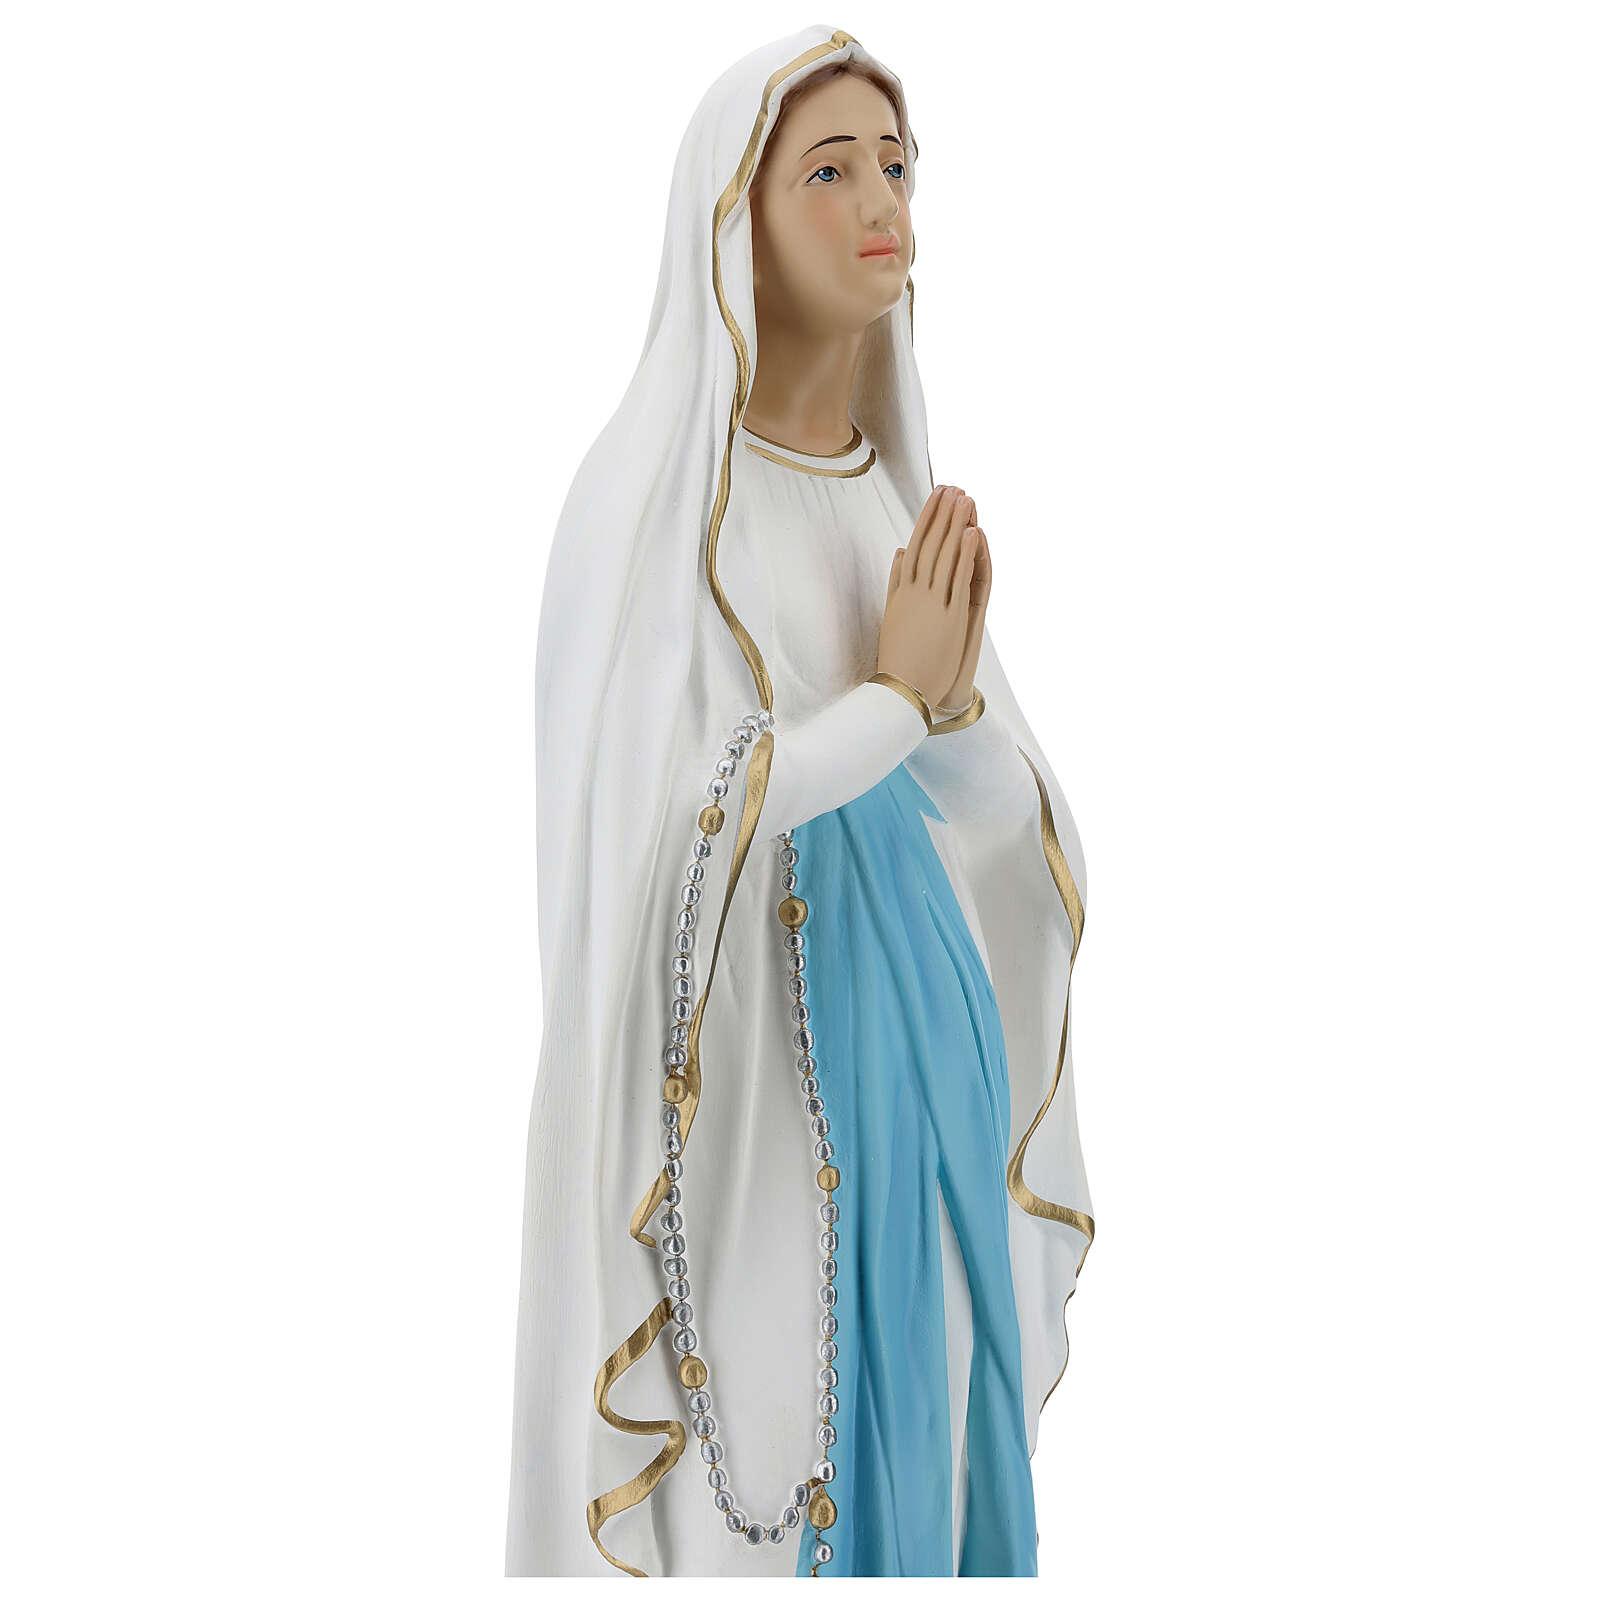 Estatua Virgen de Lourdes 75 cm fibra de vidrio lúcida PARA EXTERIOR 4